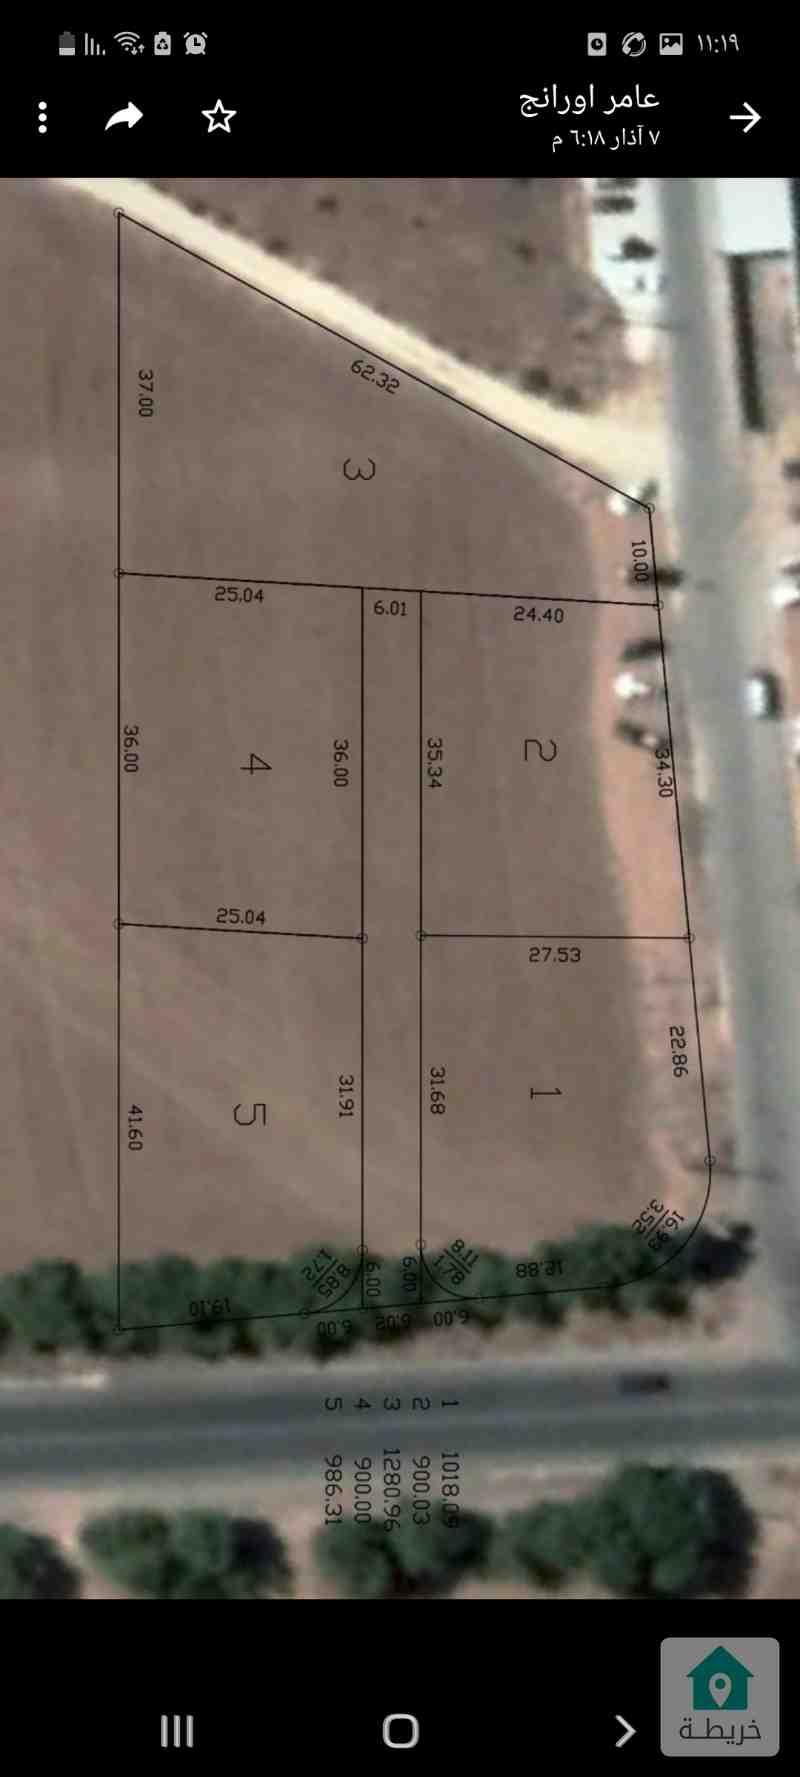 قطع اراضي للبيع مساحة دونم لكل قطعة  في الكرك طريق الغوير قرب السجن